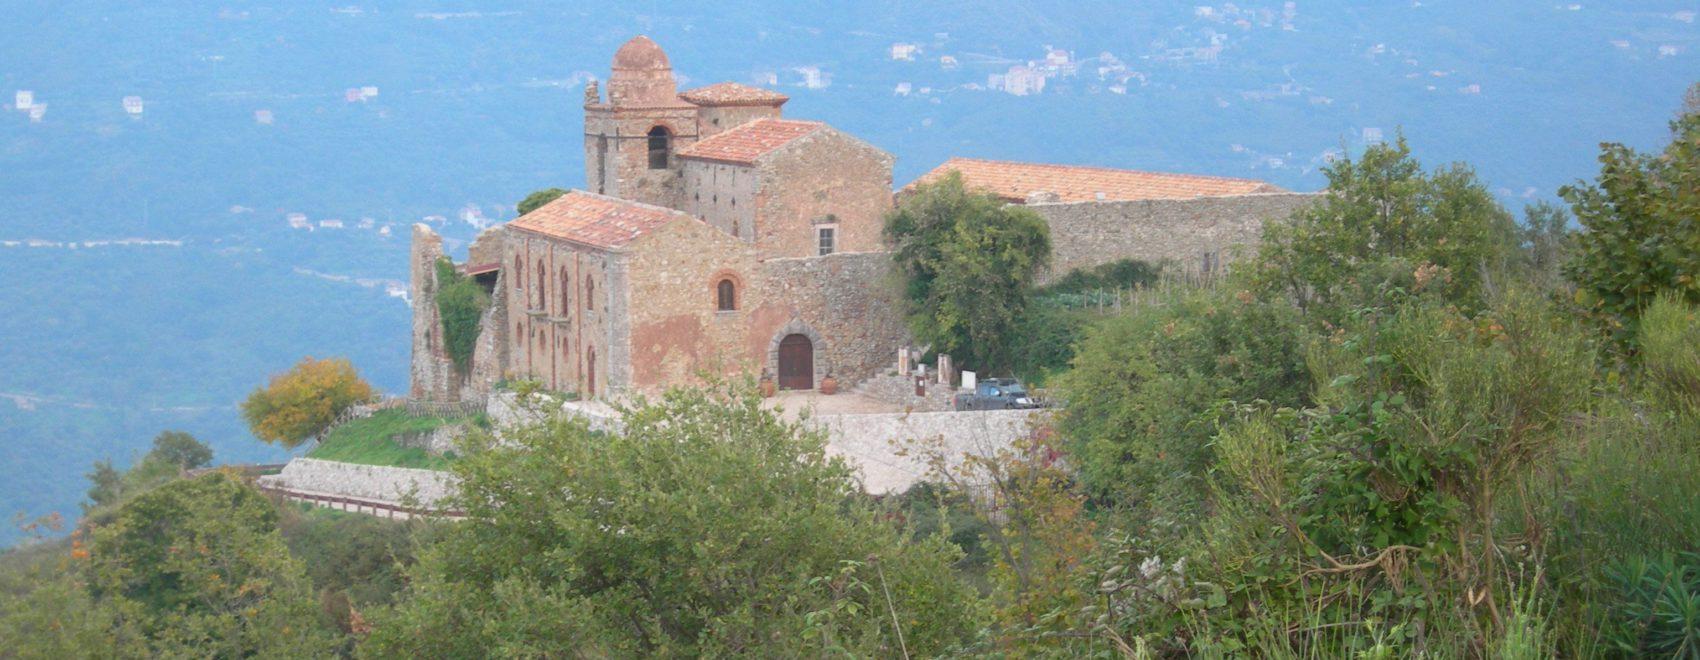 Abbazia di S. Filippo di Fragalà